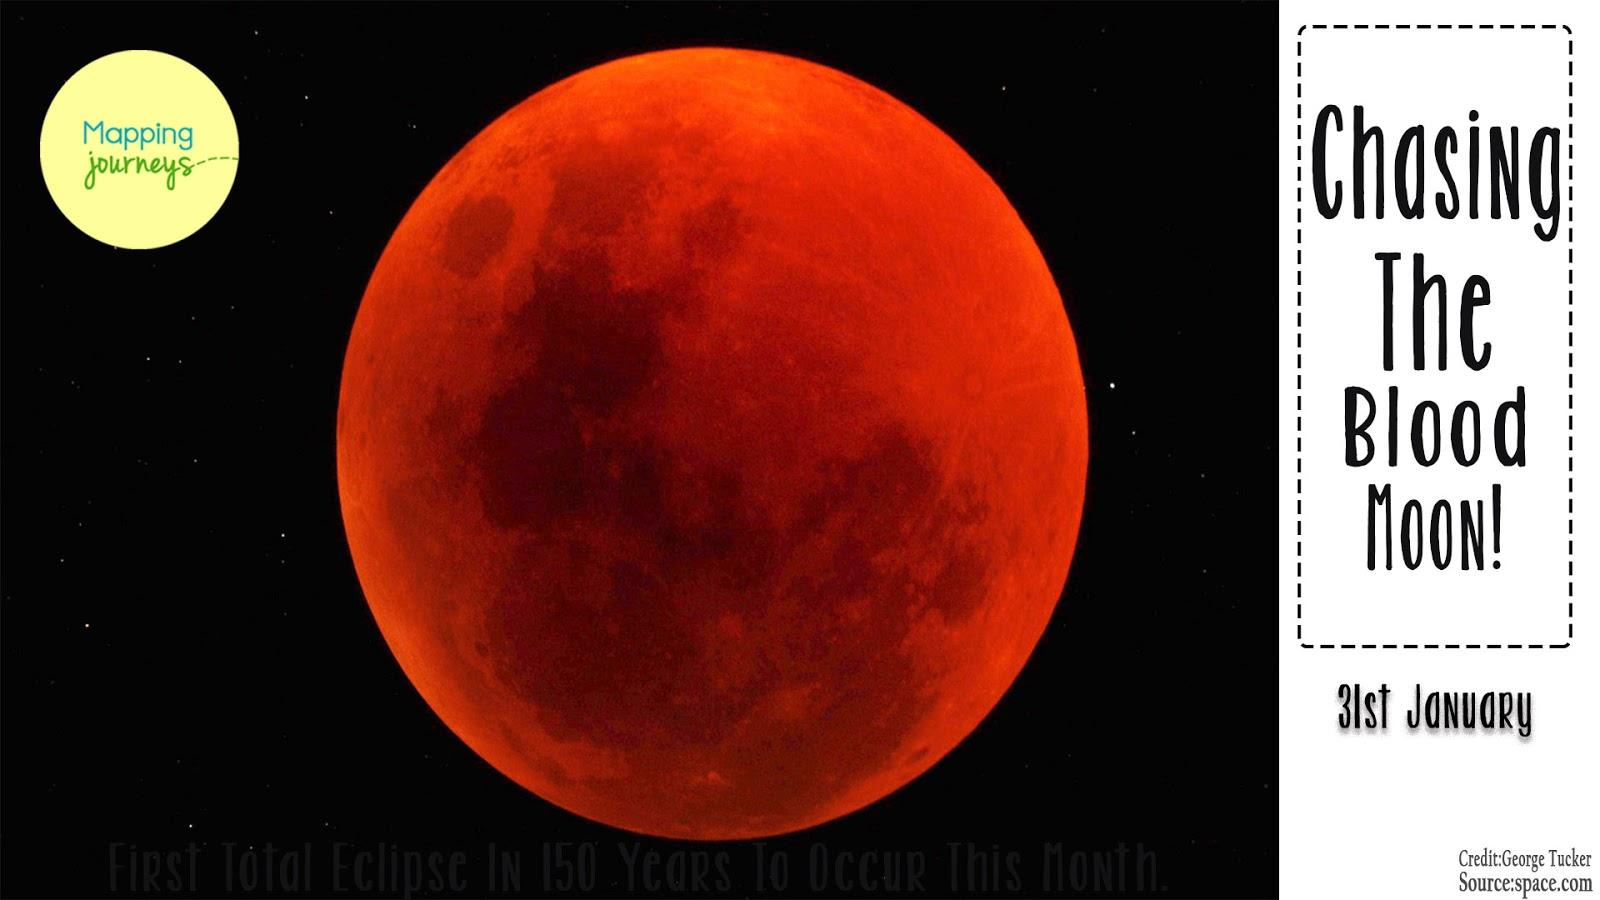 Bildergebnis für bloodmoon 31.jan. images